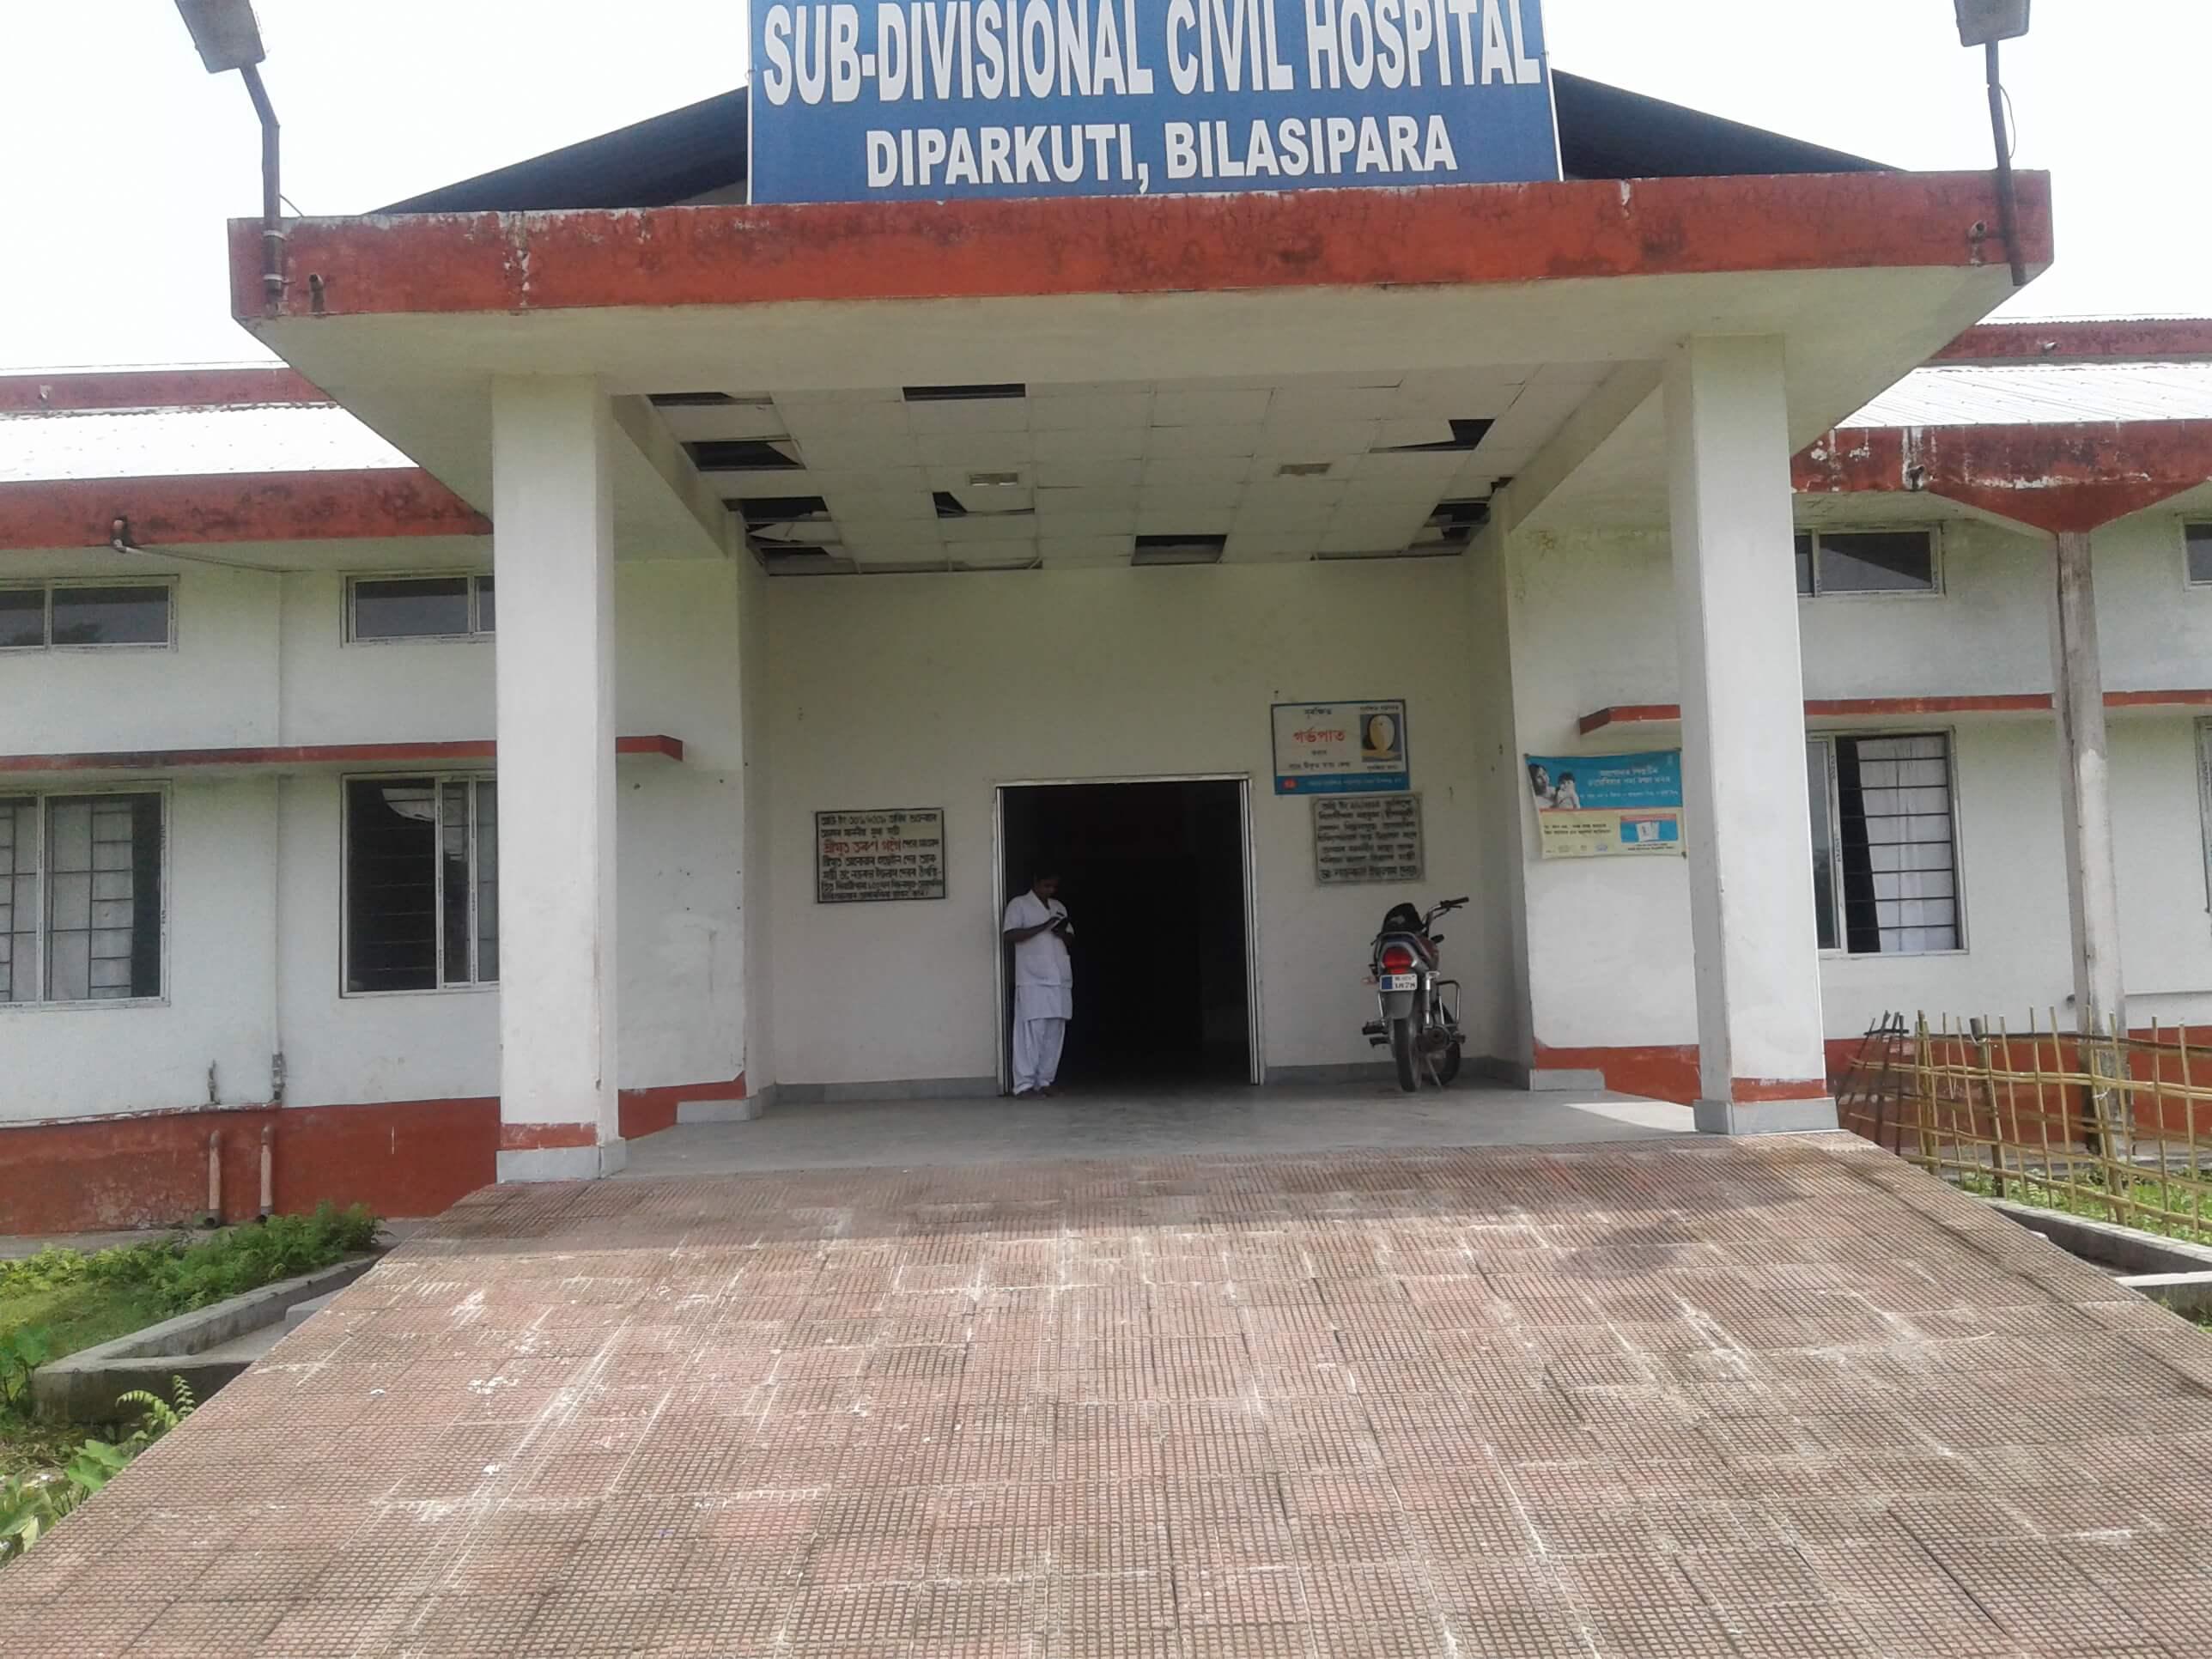 Senior citizens visit Bilasipara Civil Hospital